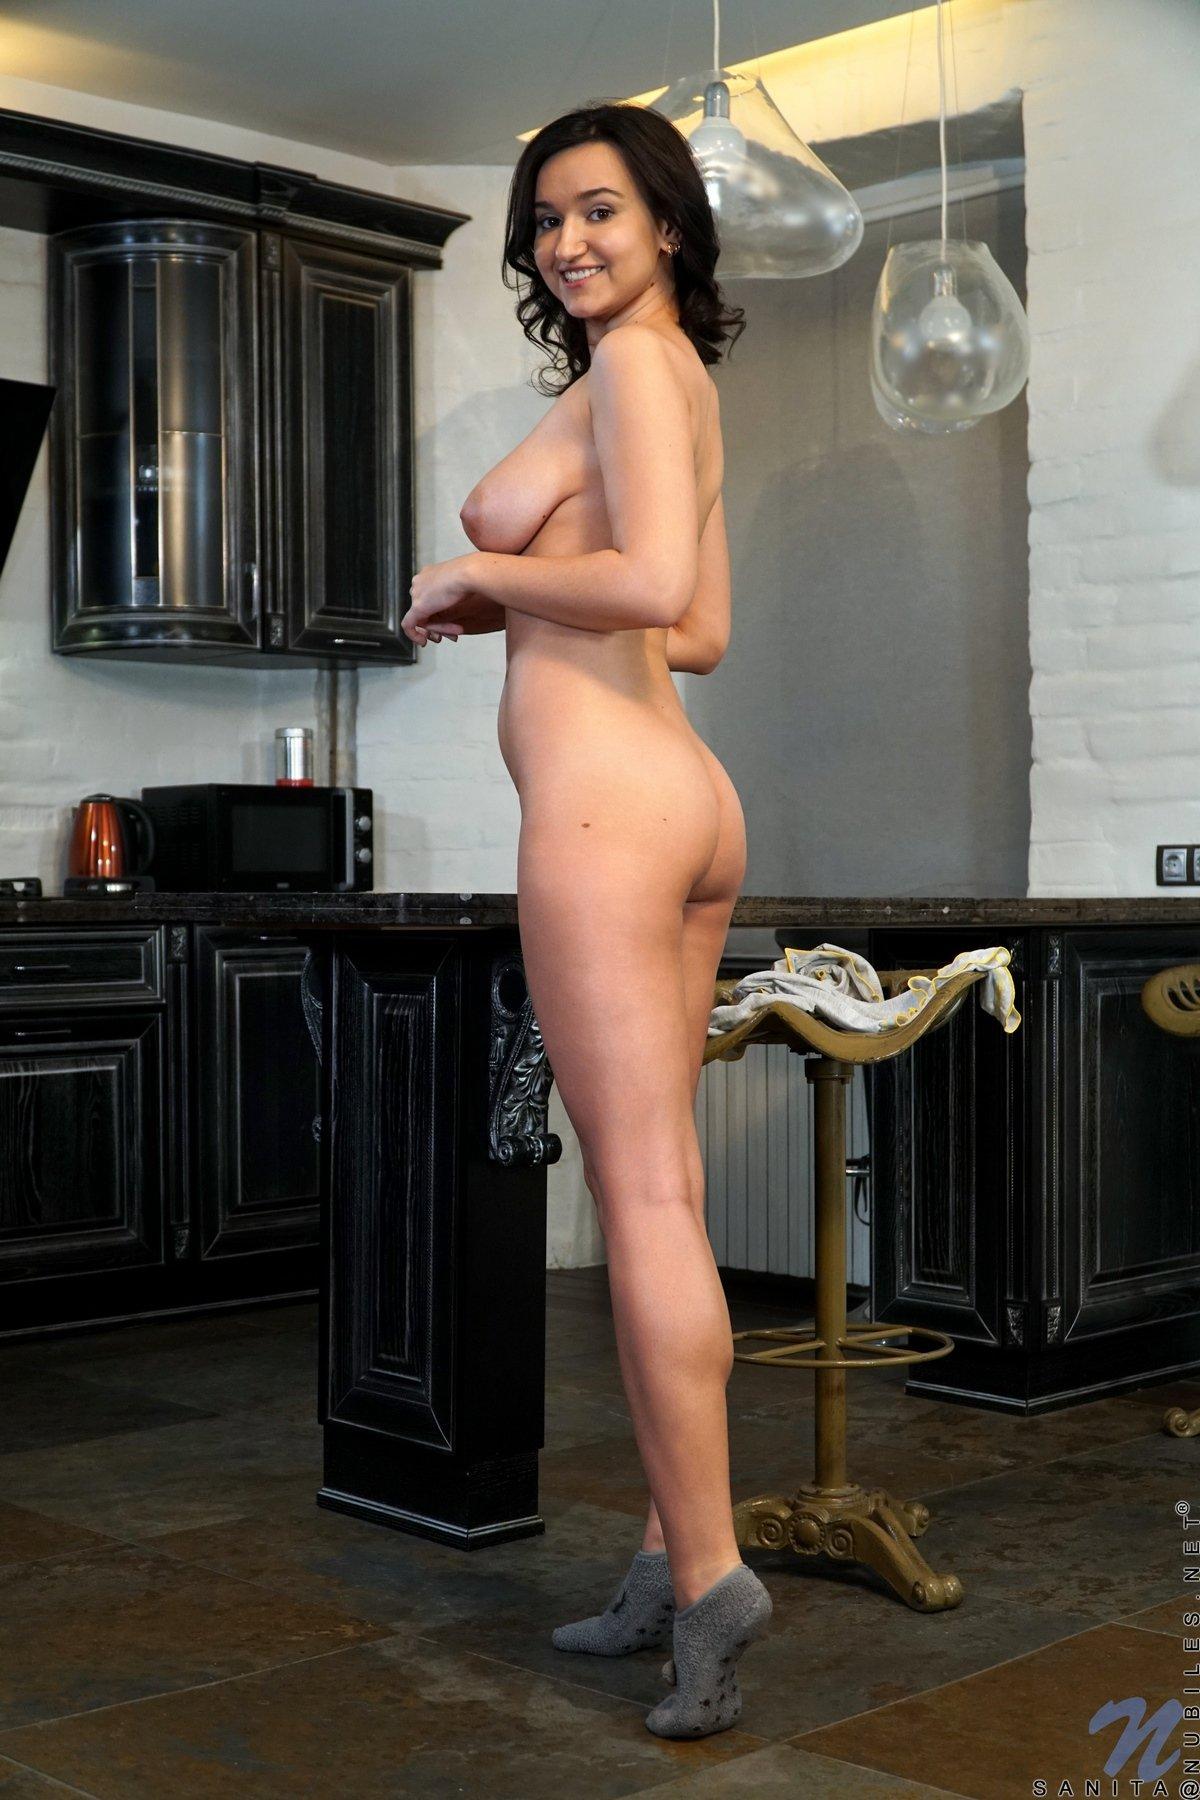 Gia Grace – Гиа Грейс – Обаятельная Брюнетка С Гладкими И Большими Сосками Порно Звезда